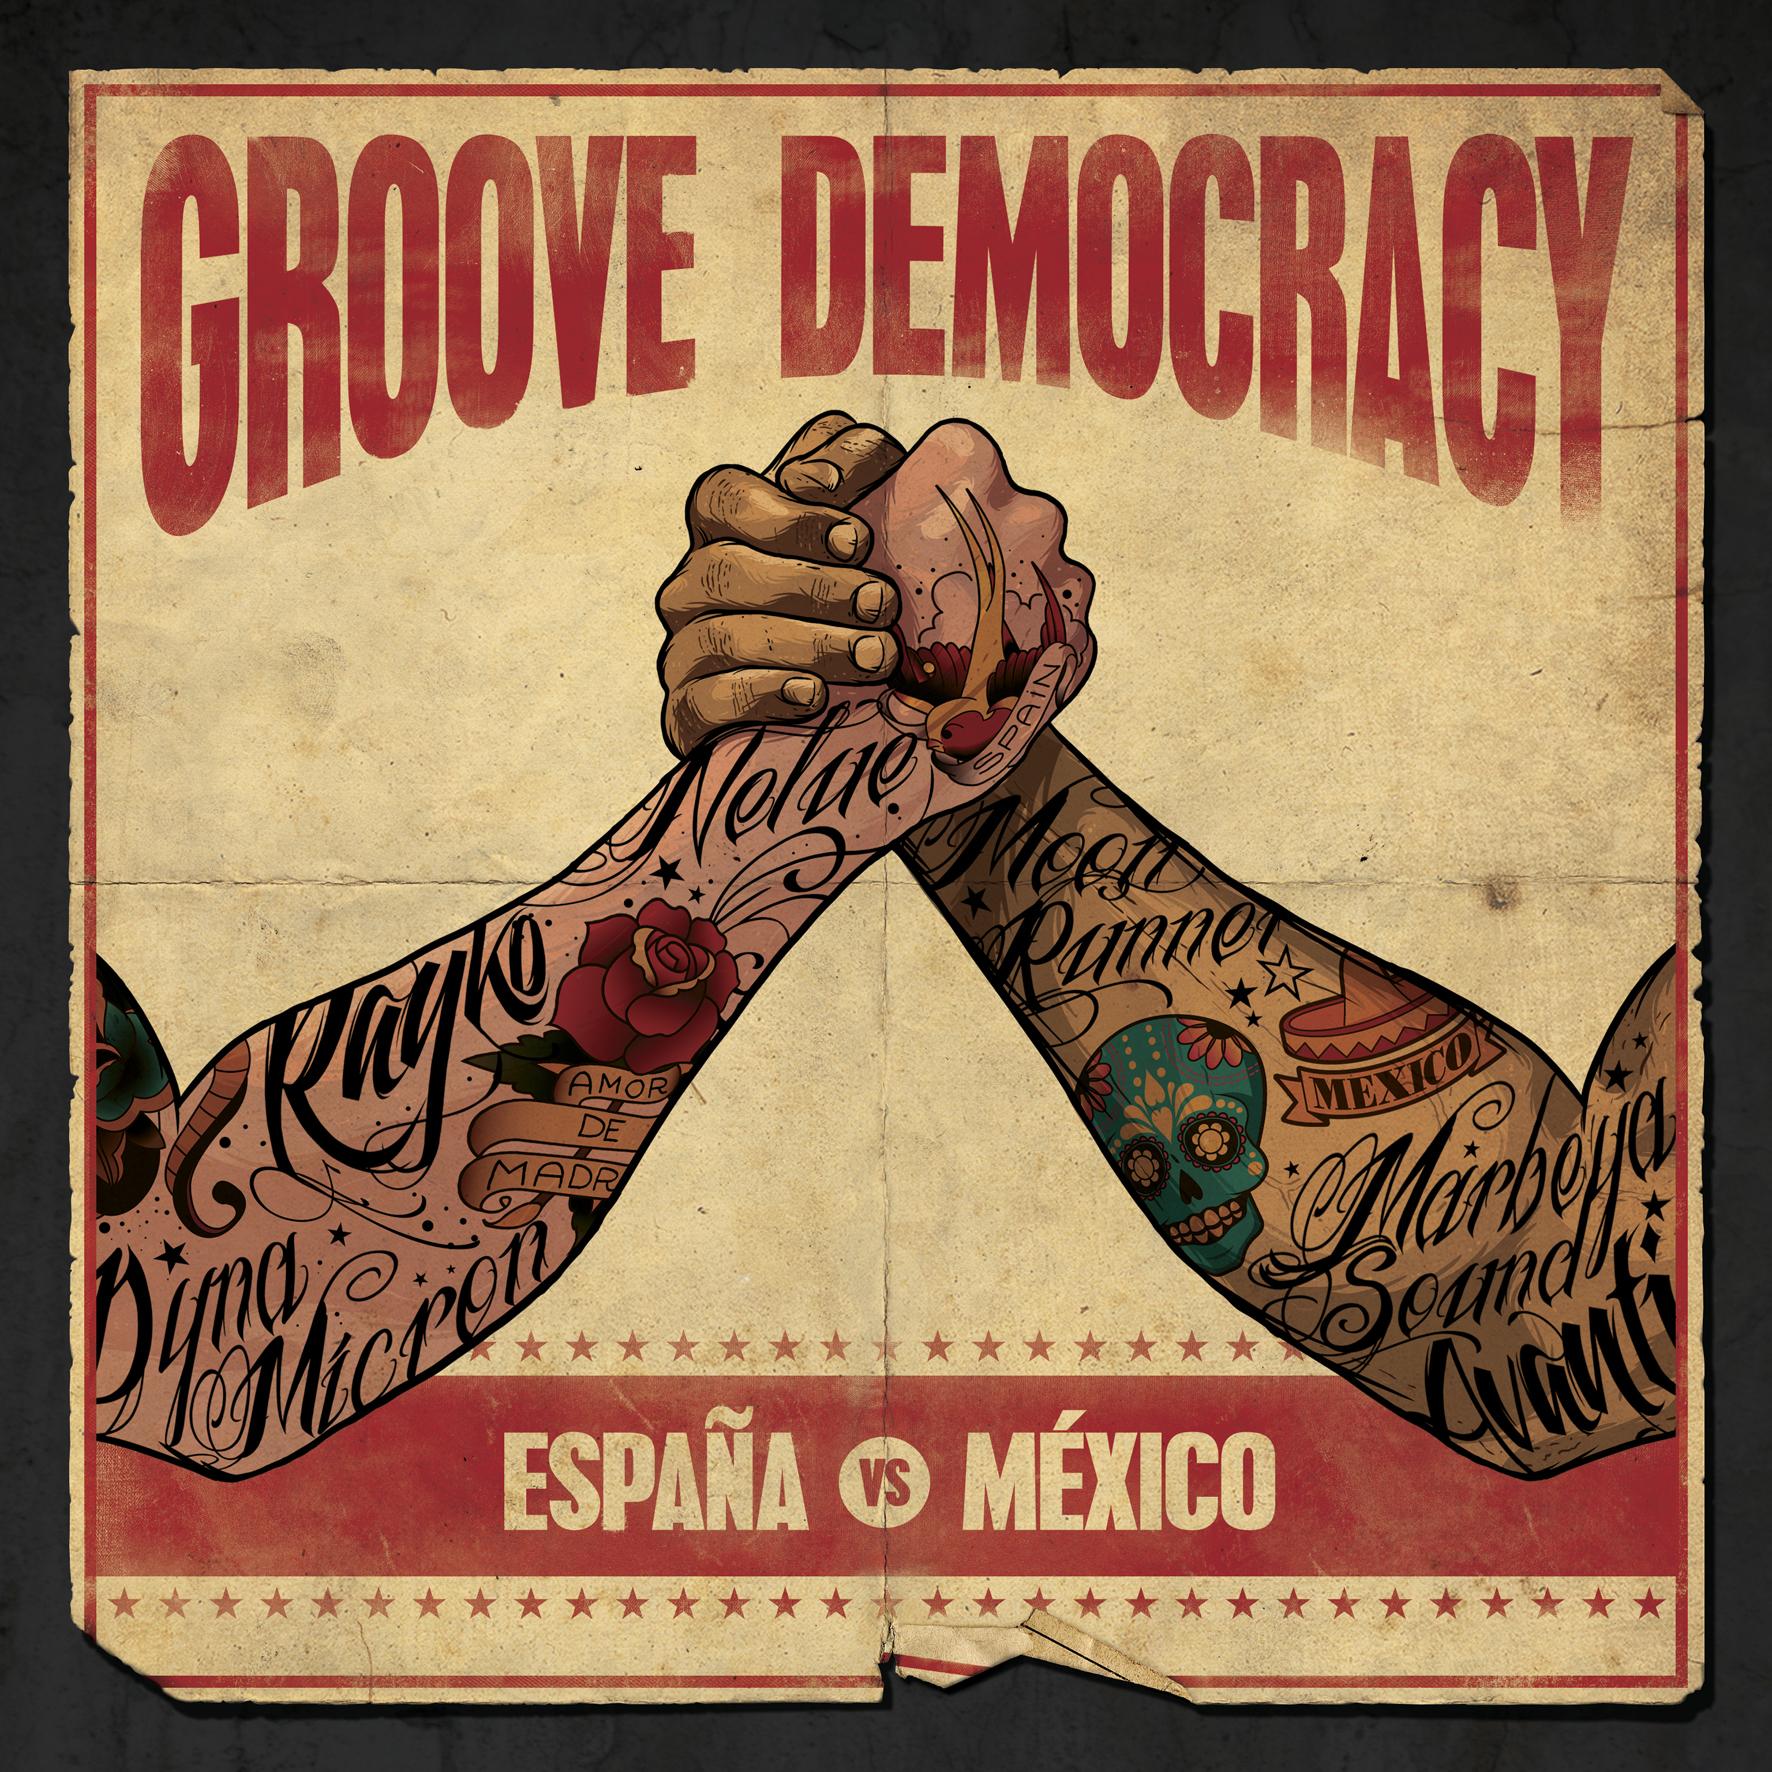 España vs Mexixo